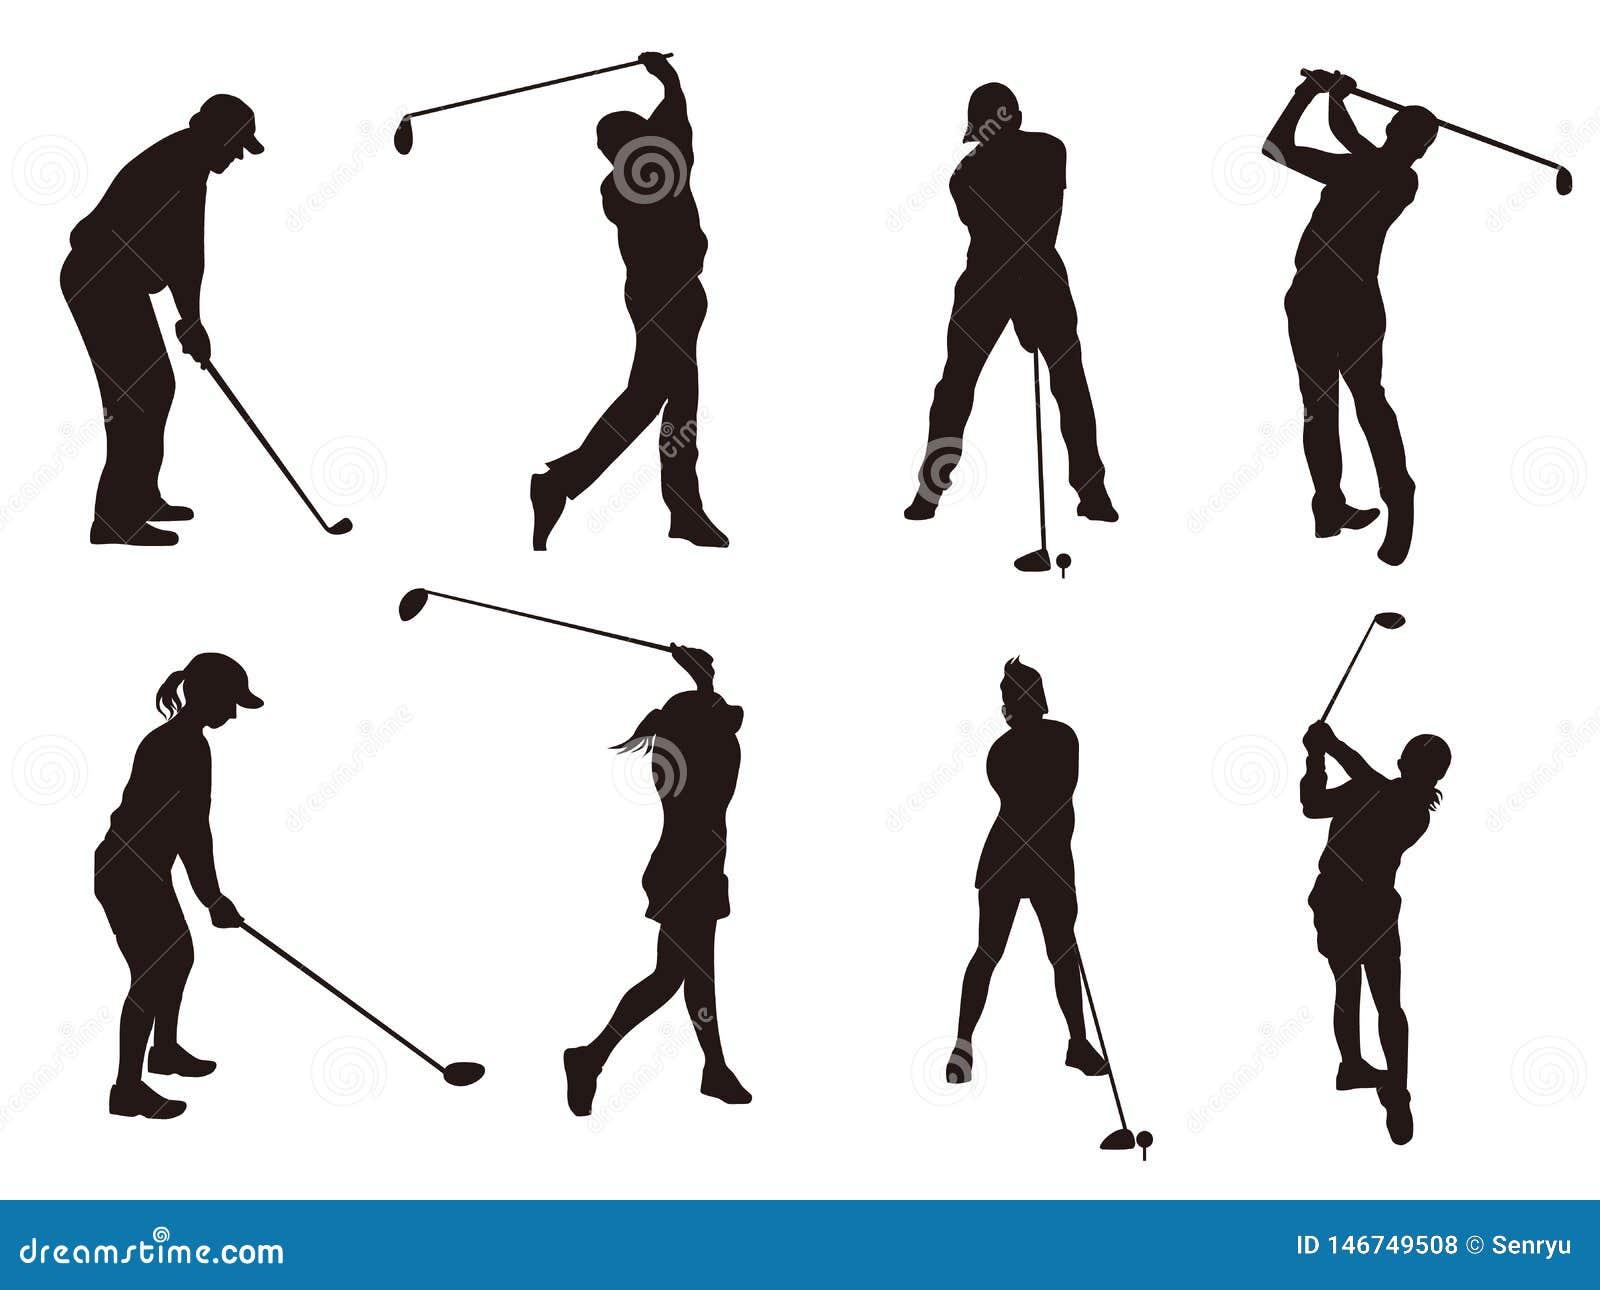 Golfspeler silhouette1